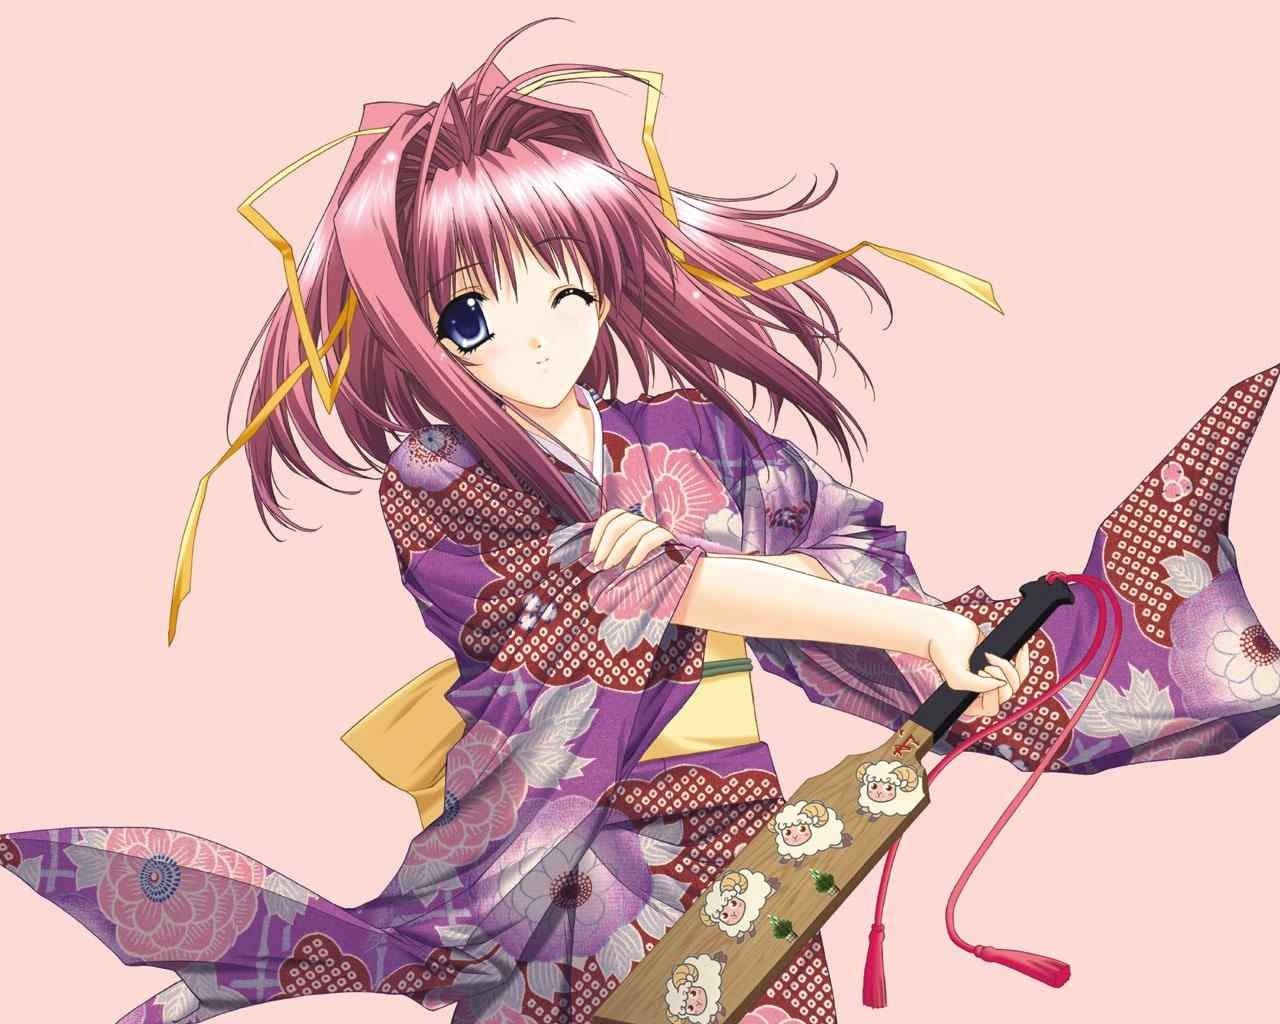 134038壁紙のダウンロード日本製アニメ, 女の子, ヨーク, コケット, 着物, ファン, 扇-スクリーンセーバーと写真を無料で